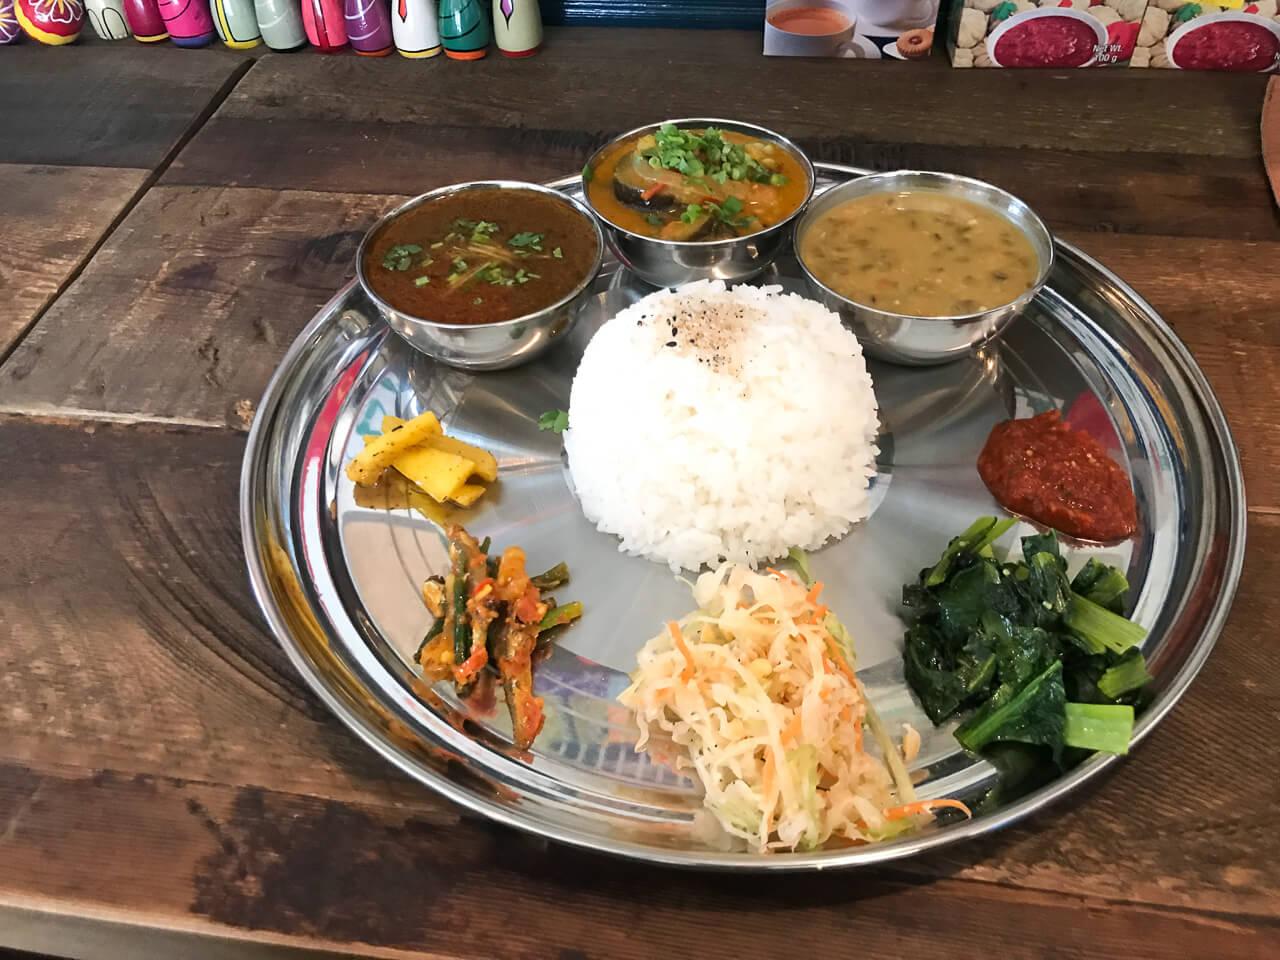 おいしいネパール定食を食べよう「Jijico ジジコ」|神奈川・鎌倉